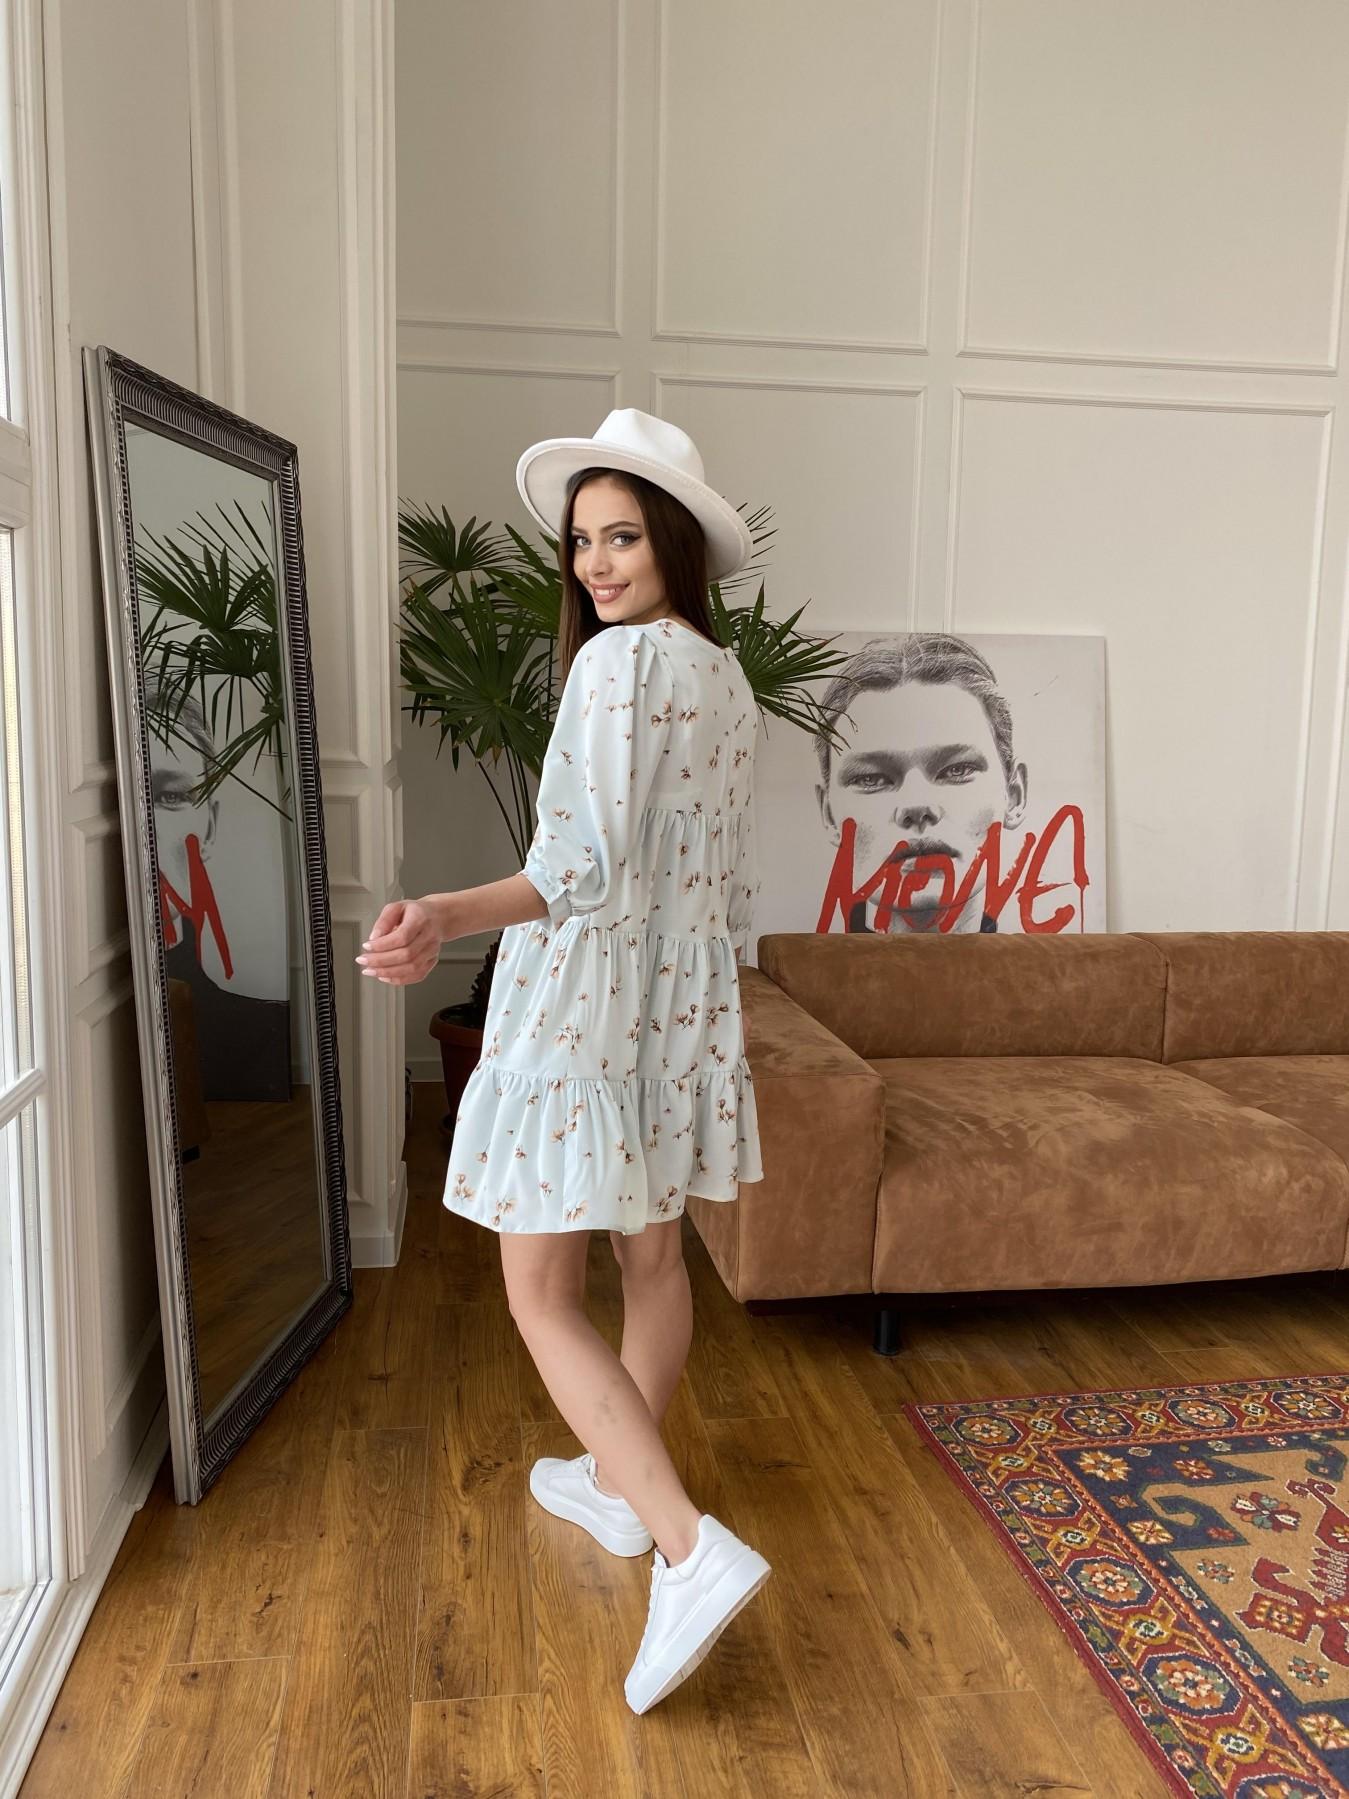 Нинель платье из софта с принтом 11114 АРТ. 47603 Цвет: МятаСв/БежЦветокМел - фото 6, интернет магазин tm-modus.ru